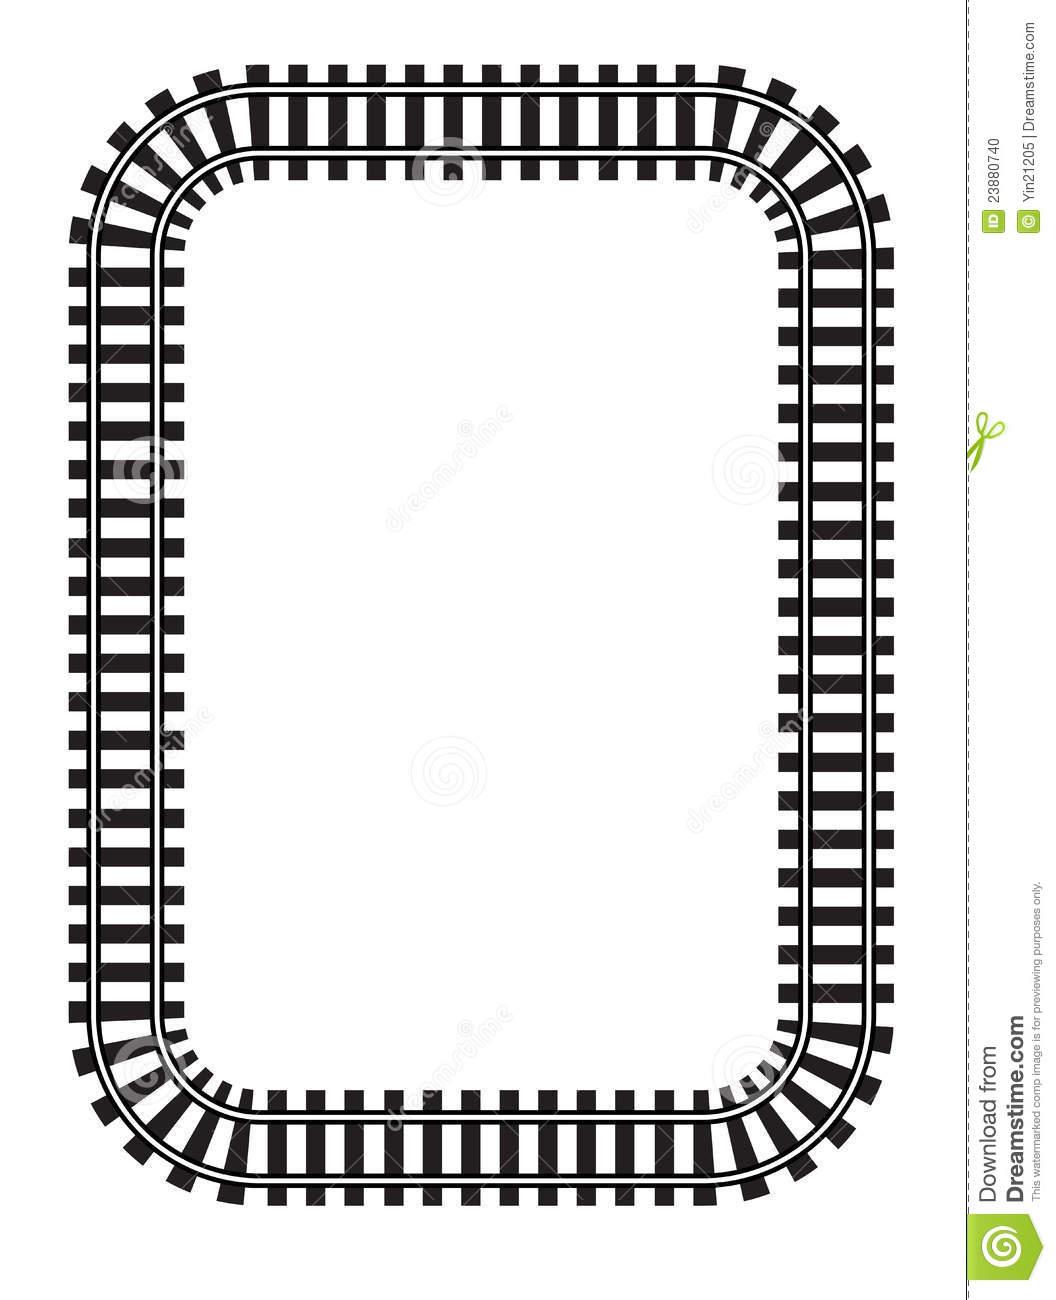 train track clipart-train track clipart-9